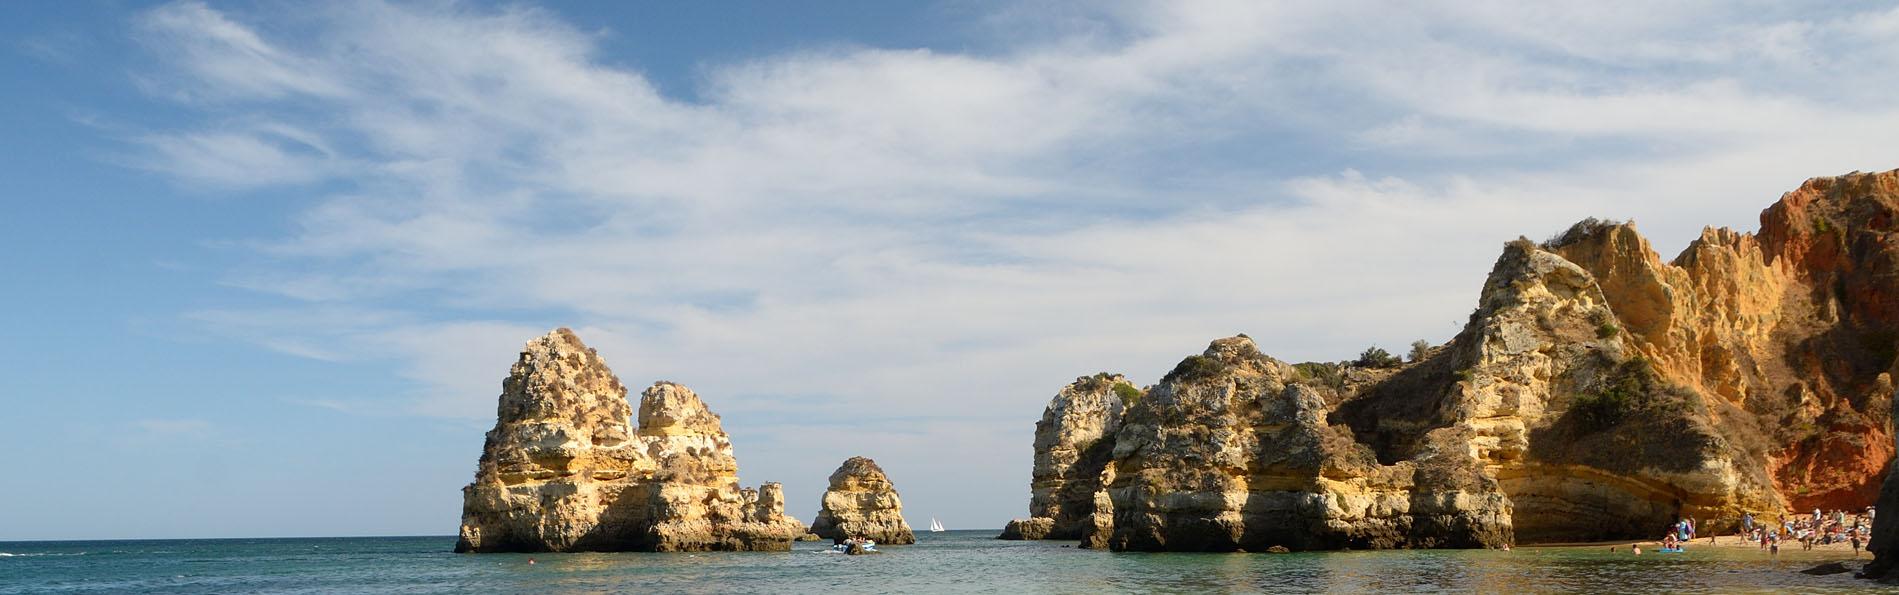 Viajar a Portugal - Rutas, Visitas destacadas, Información Práctica